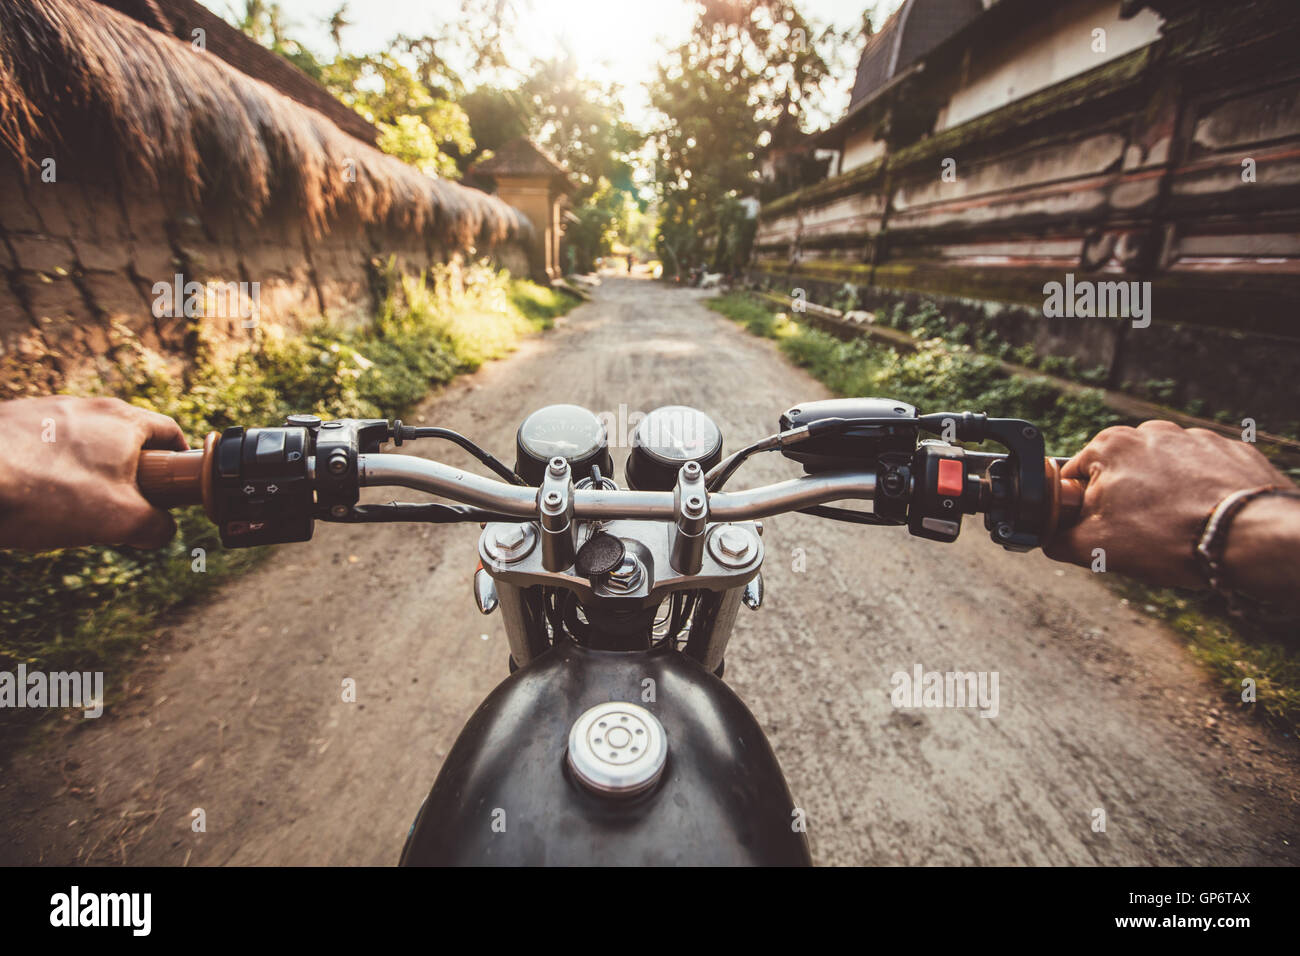 Biker roulant sa moto sur route de campagne dans un village. Point de vue avec l'accent sur le guidon et l'homme Photo Stock